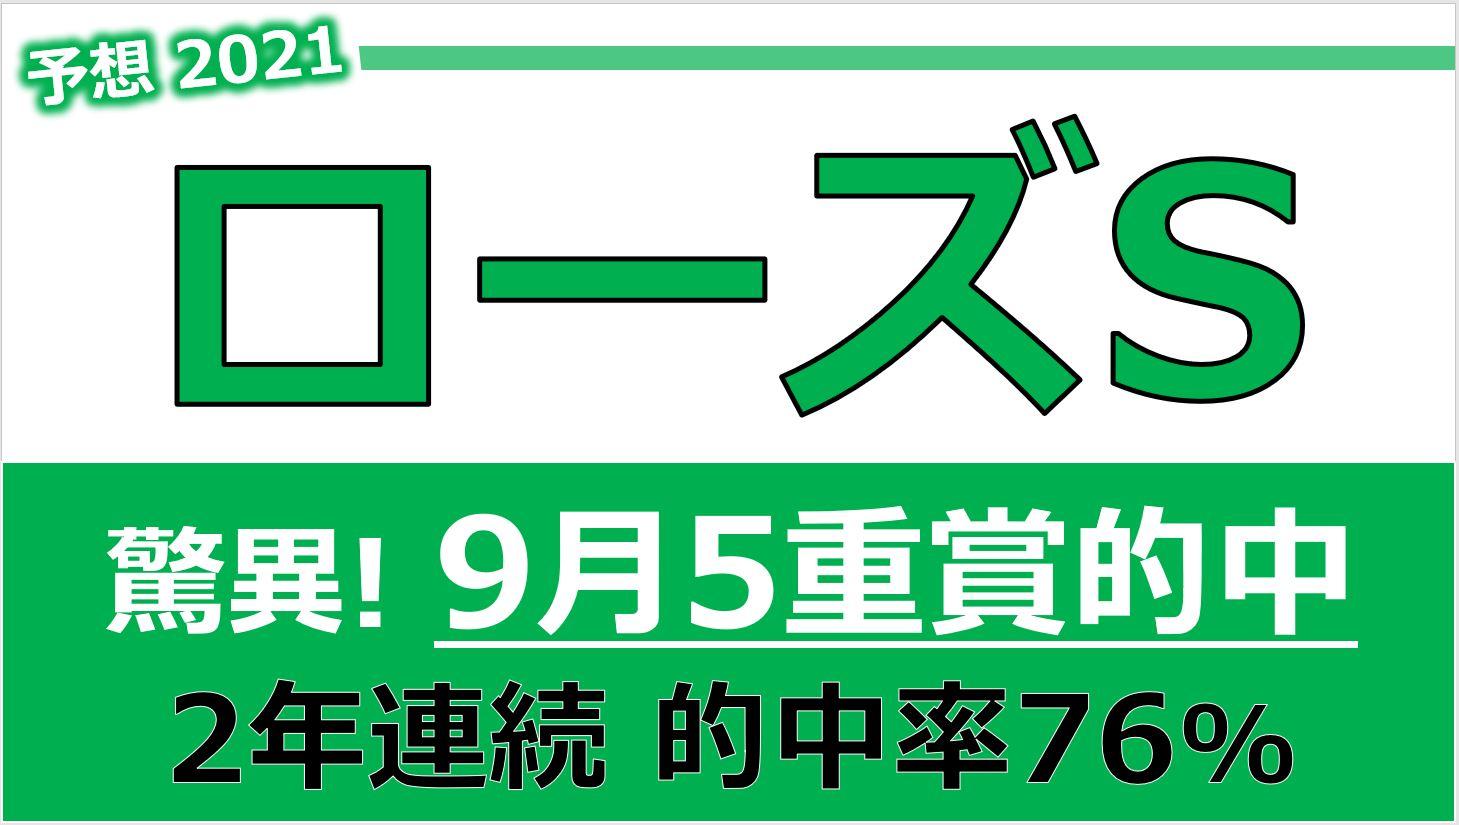 【重賞】ローズステークス2021|驚異! 年間回収率 125%